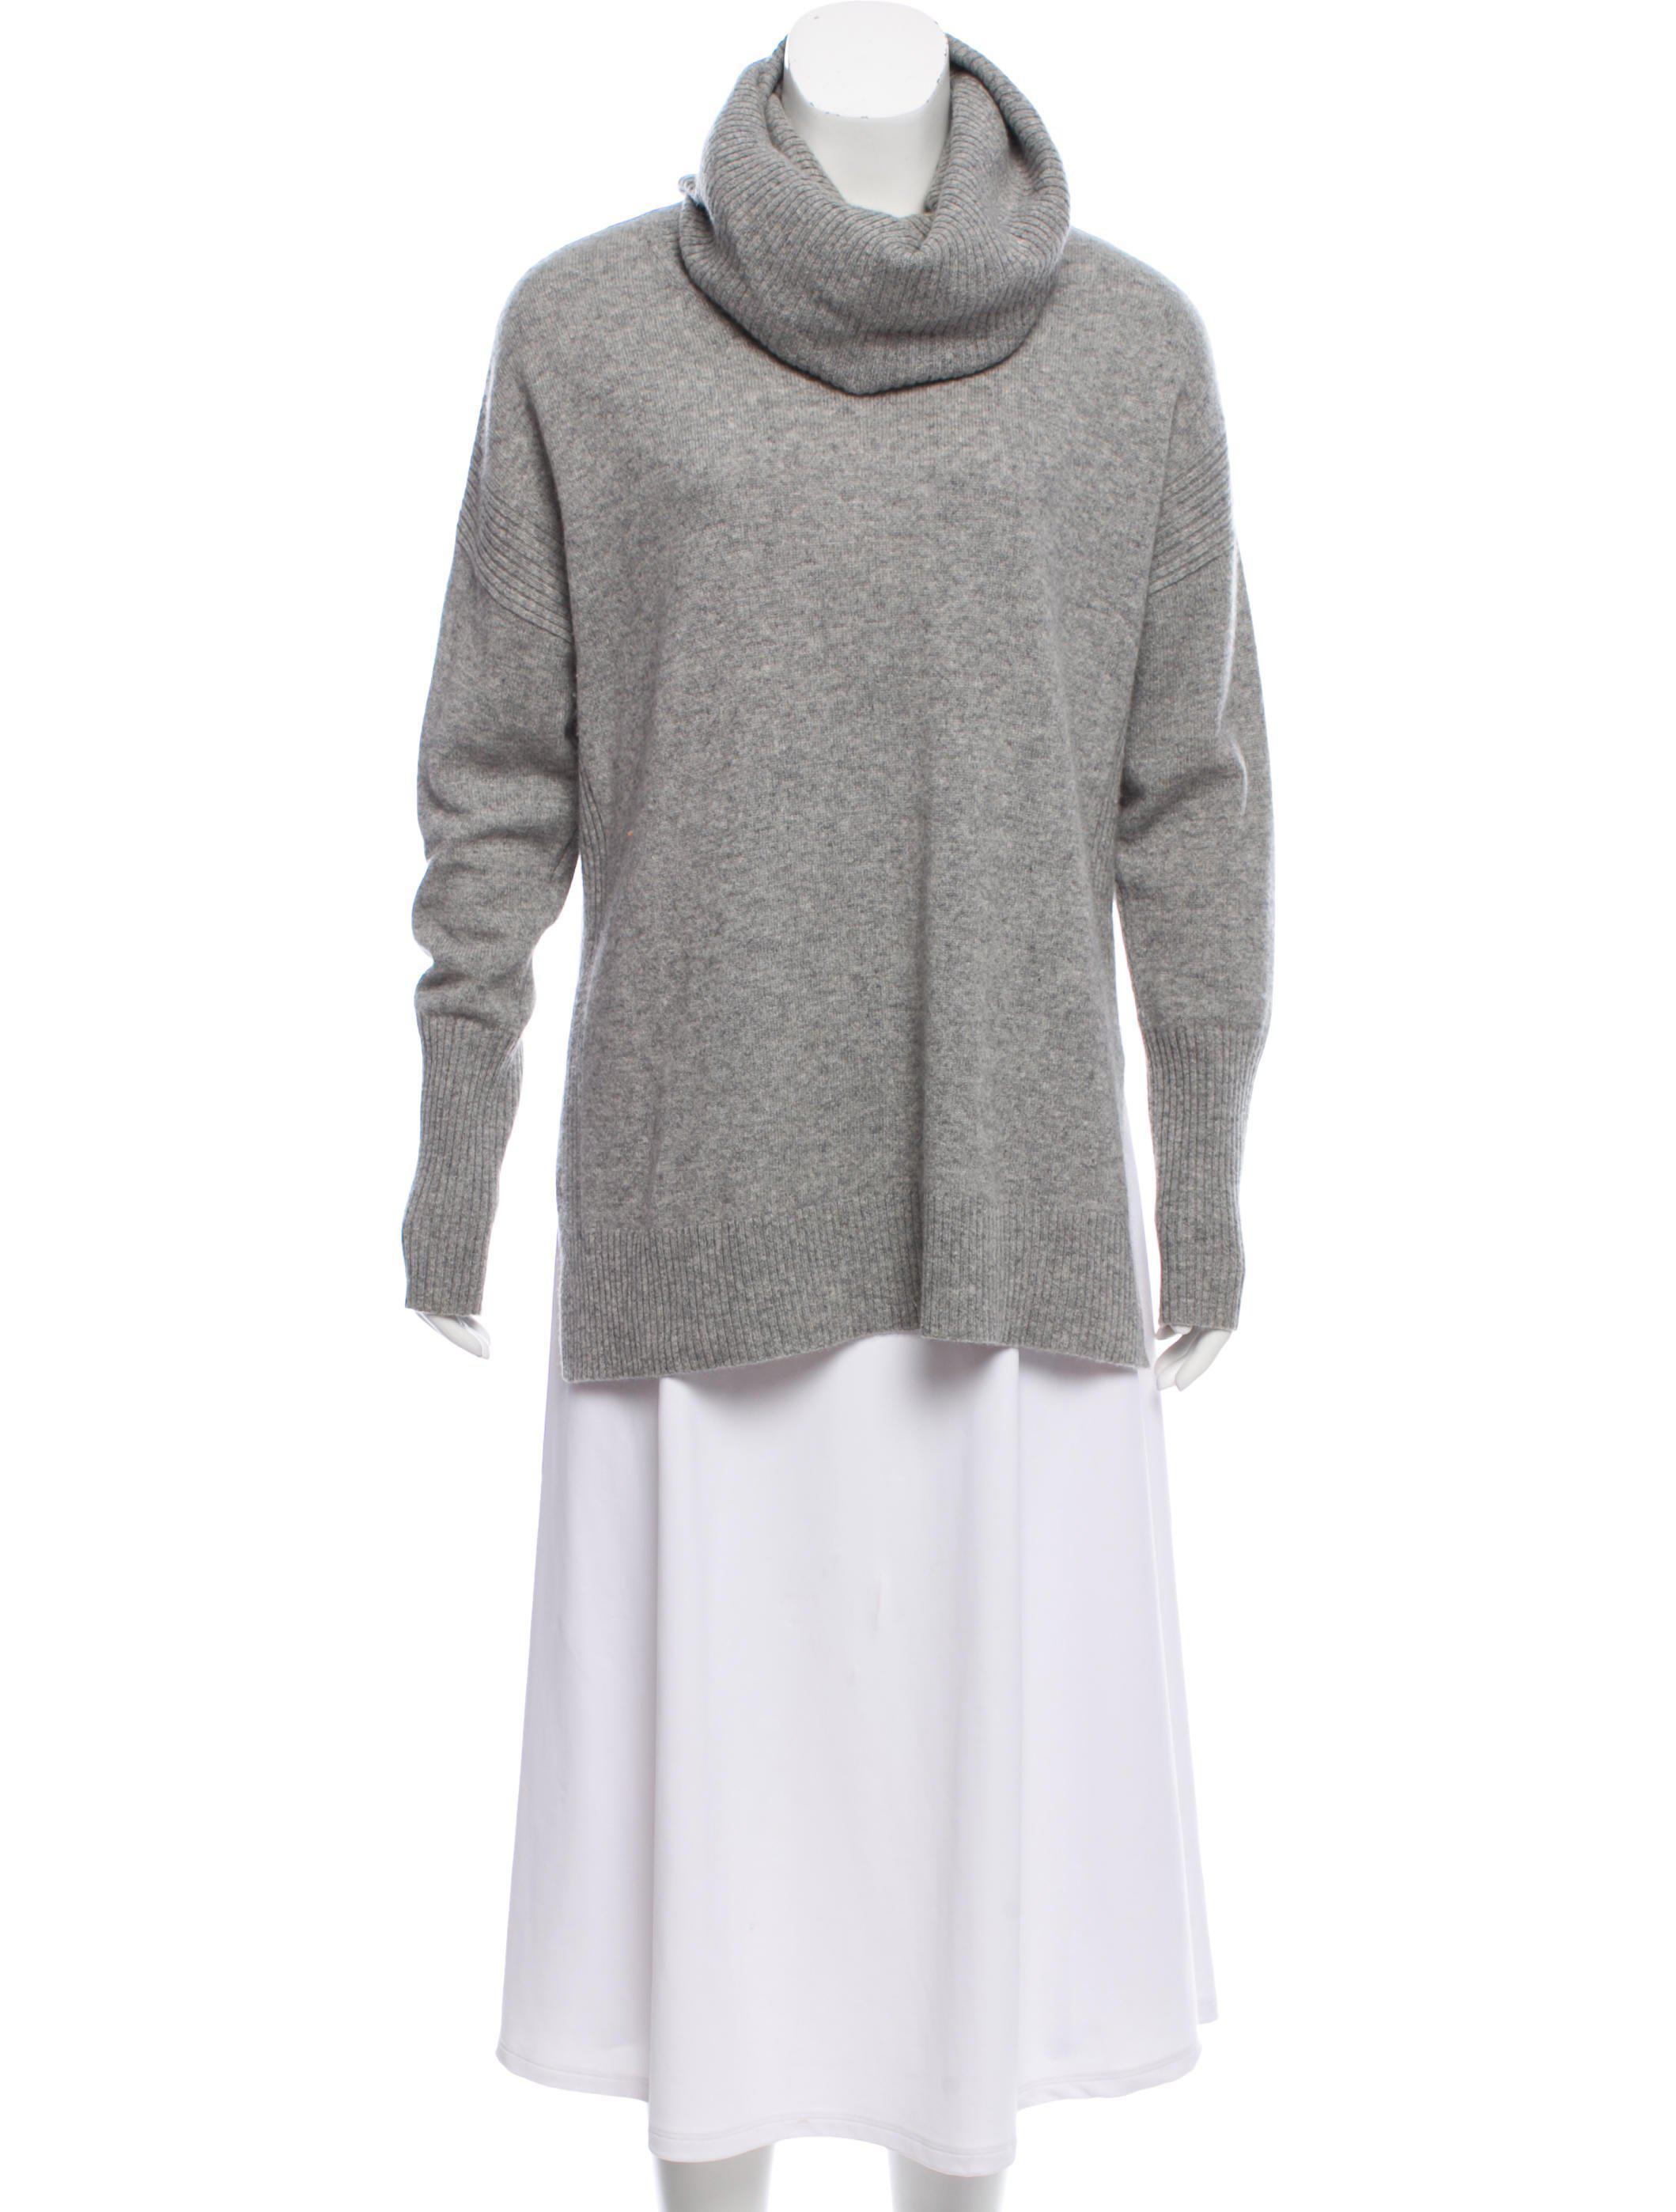 61bb5075411e Lyst - Diane Von Furstenberg Cashmere Ahiga Slim Sweater Grey in Gray